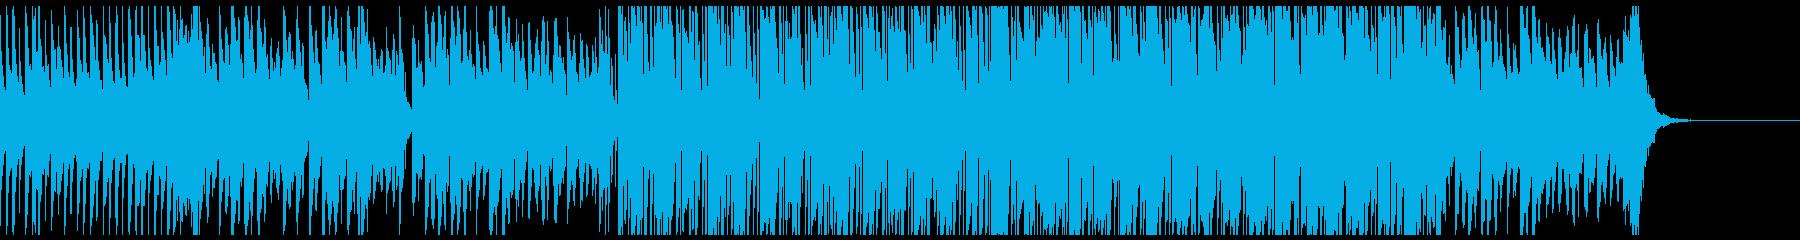 竹田の子守歌を和洋ポップアレンジでの再生済みの波形